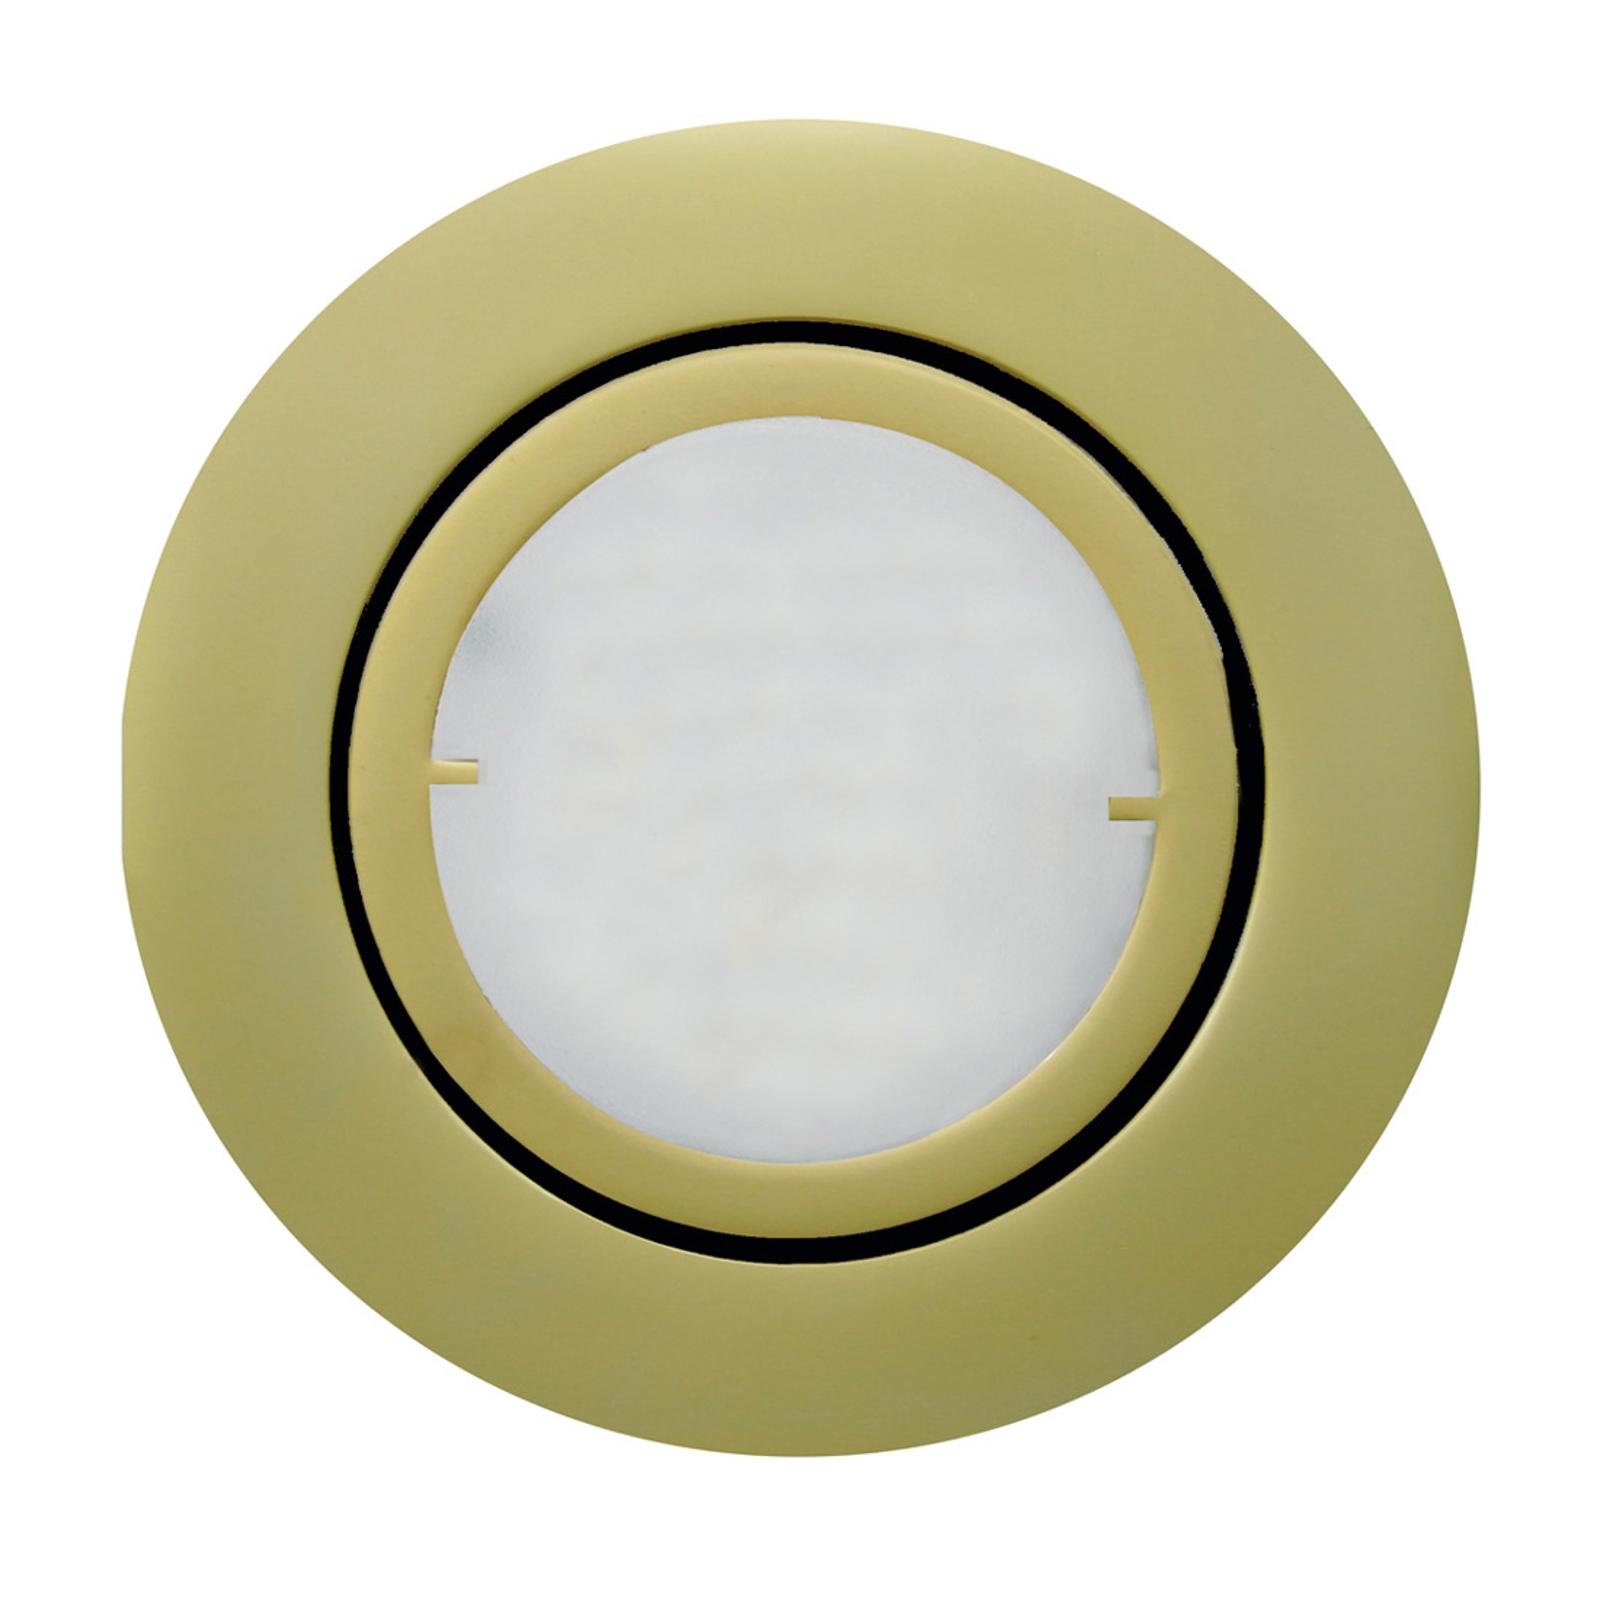 Mattgoldene LED-Einbauleuchte Joanie